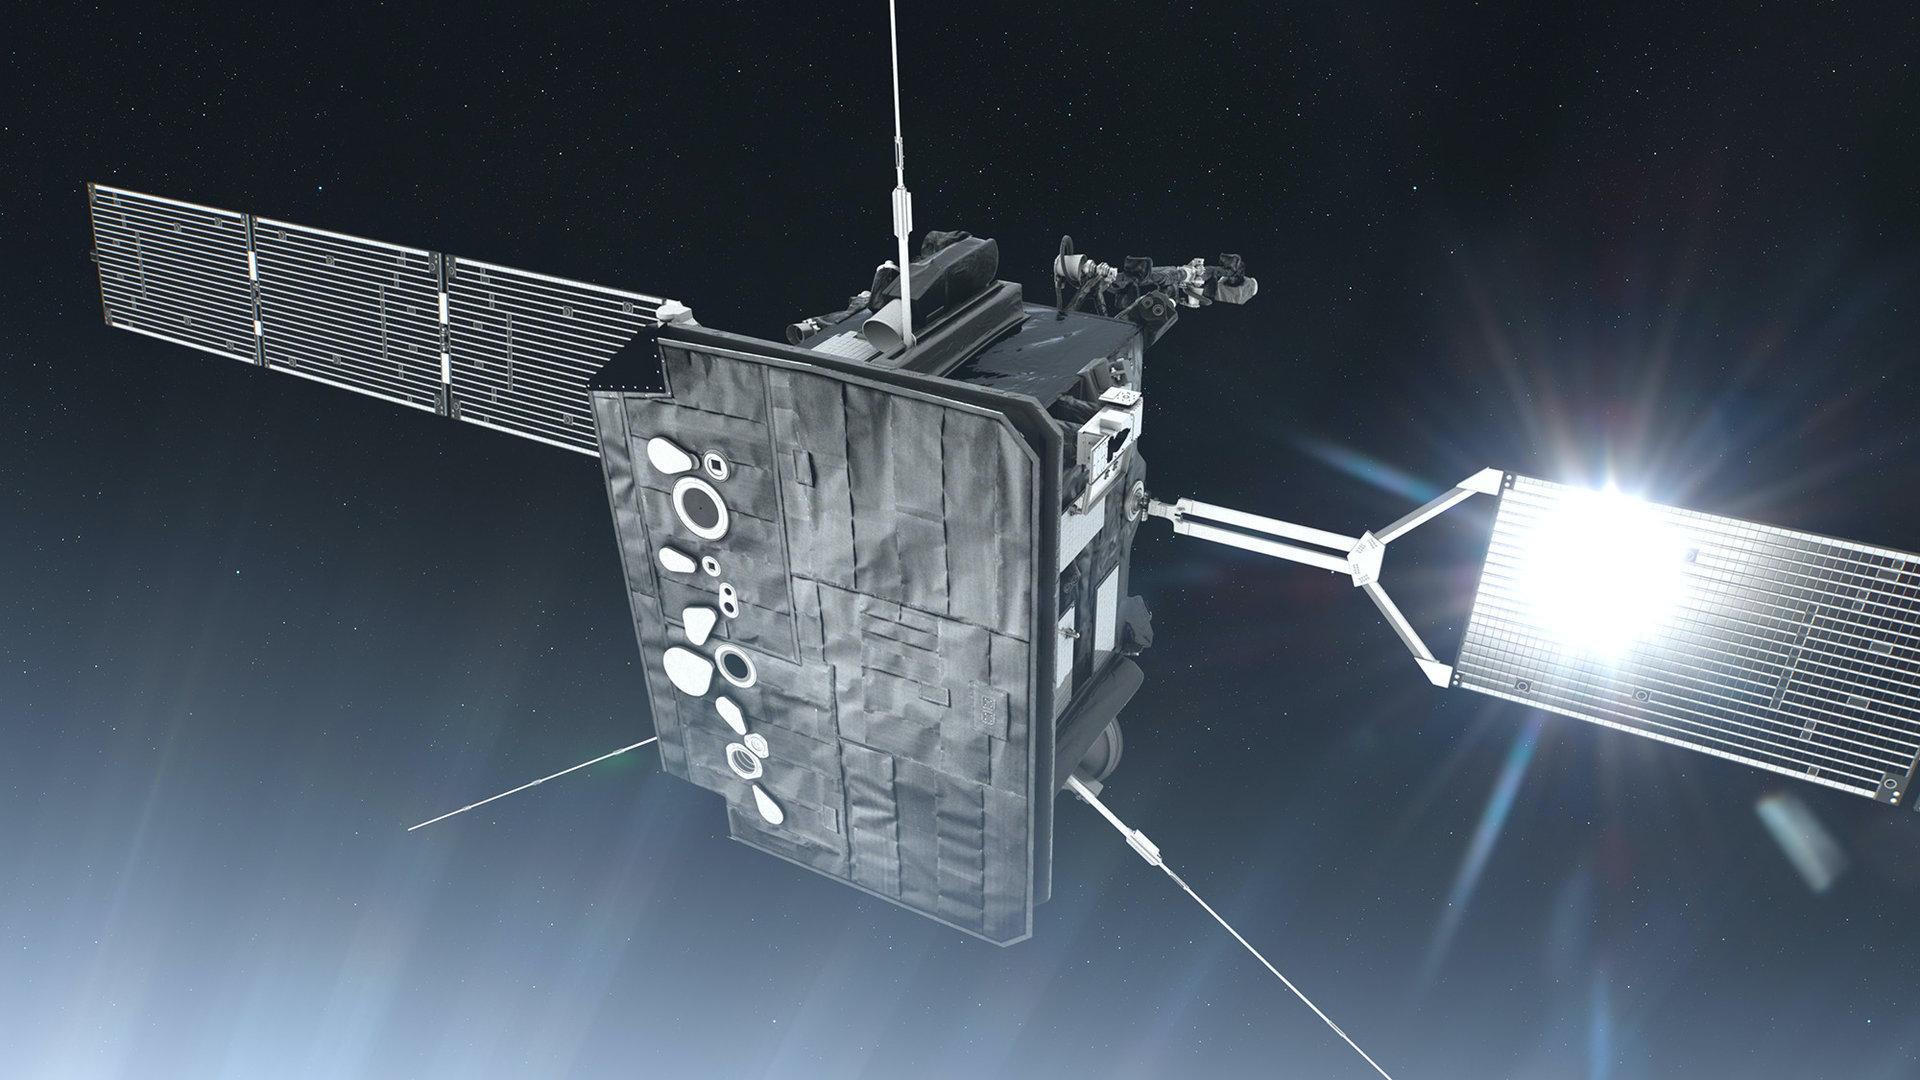 ¿Cuáles son los instrumentos que utiliza la misión Solar Orbiter?